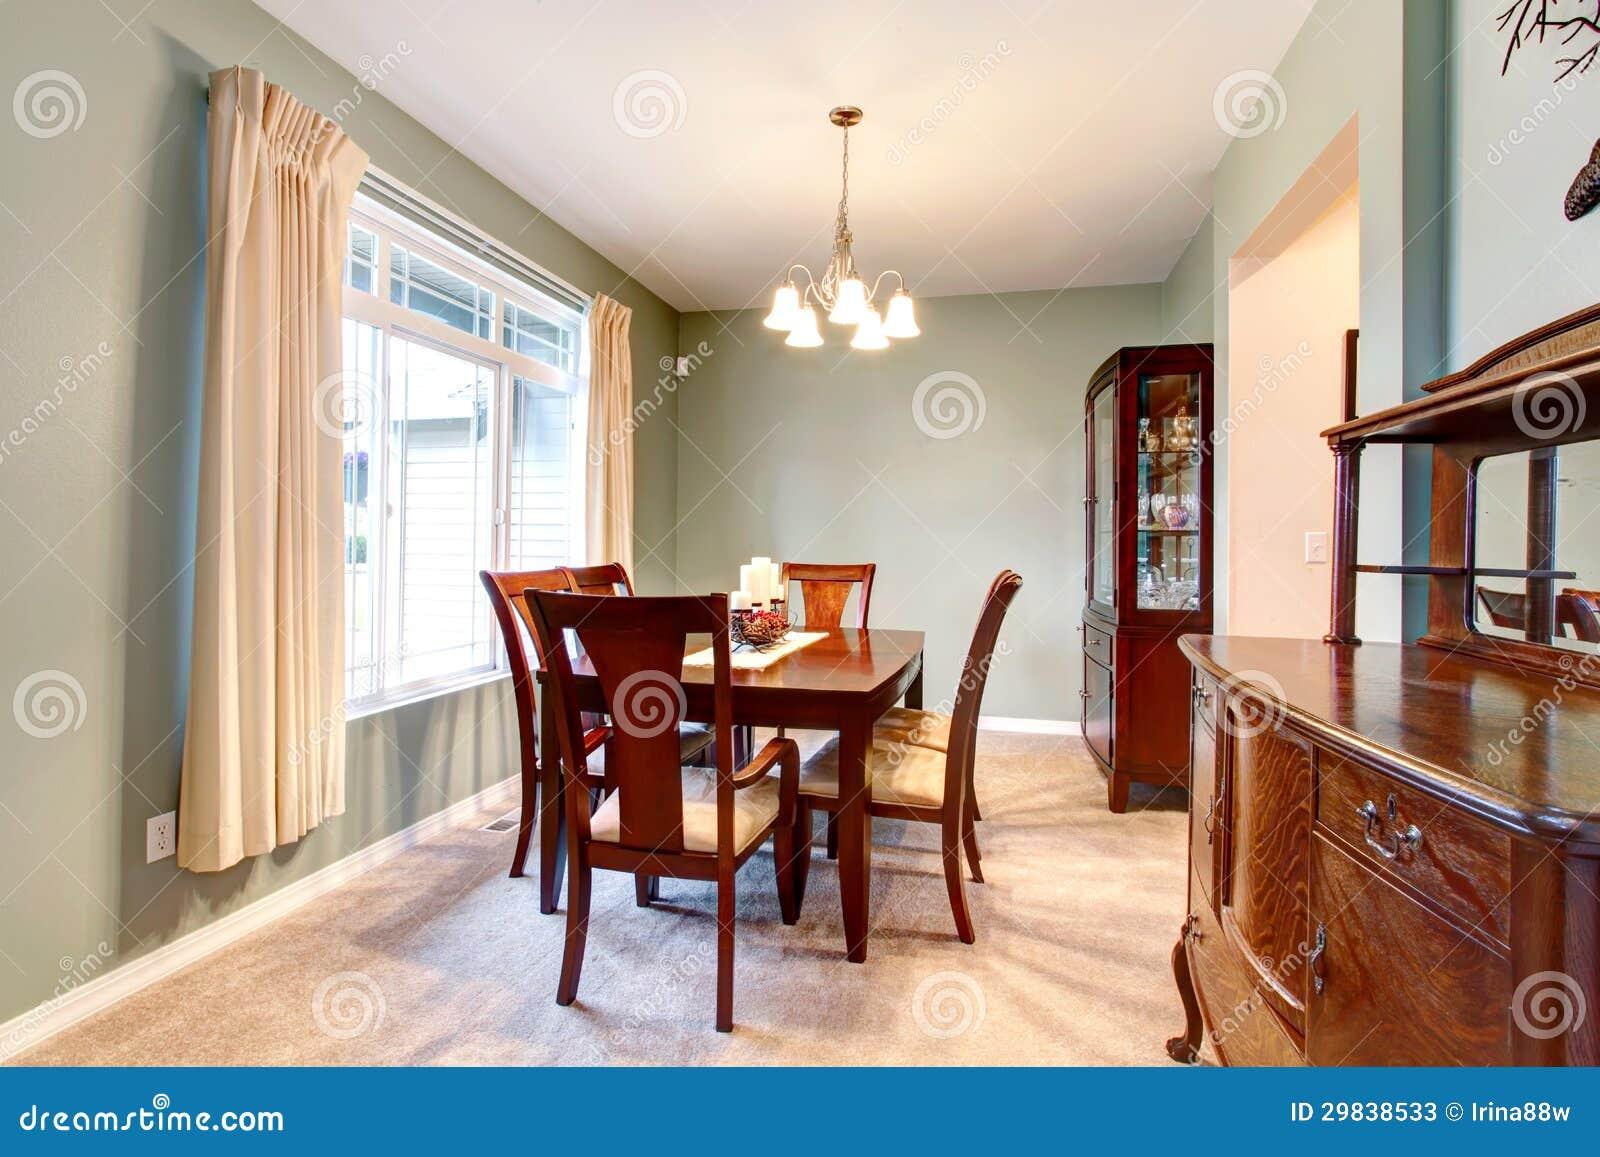 Muebles marrones y beige 20170822182224 - Muebles del comedor ...